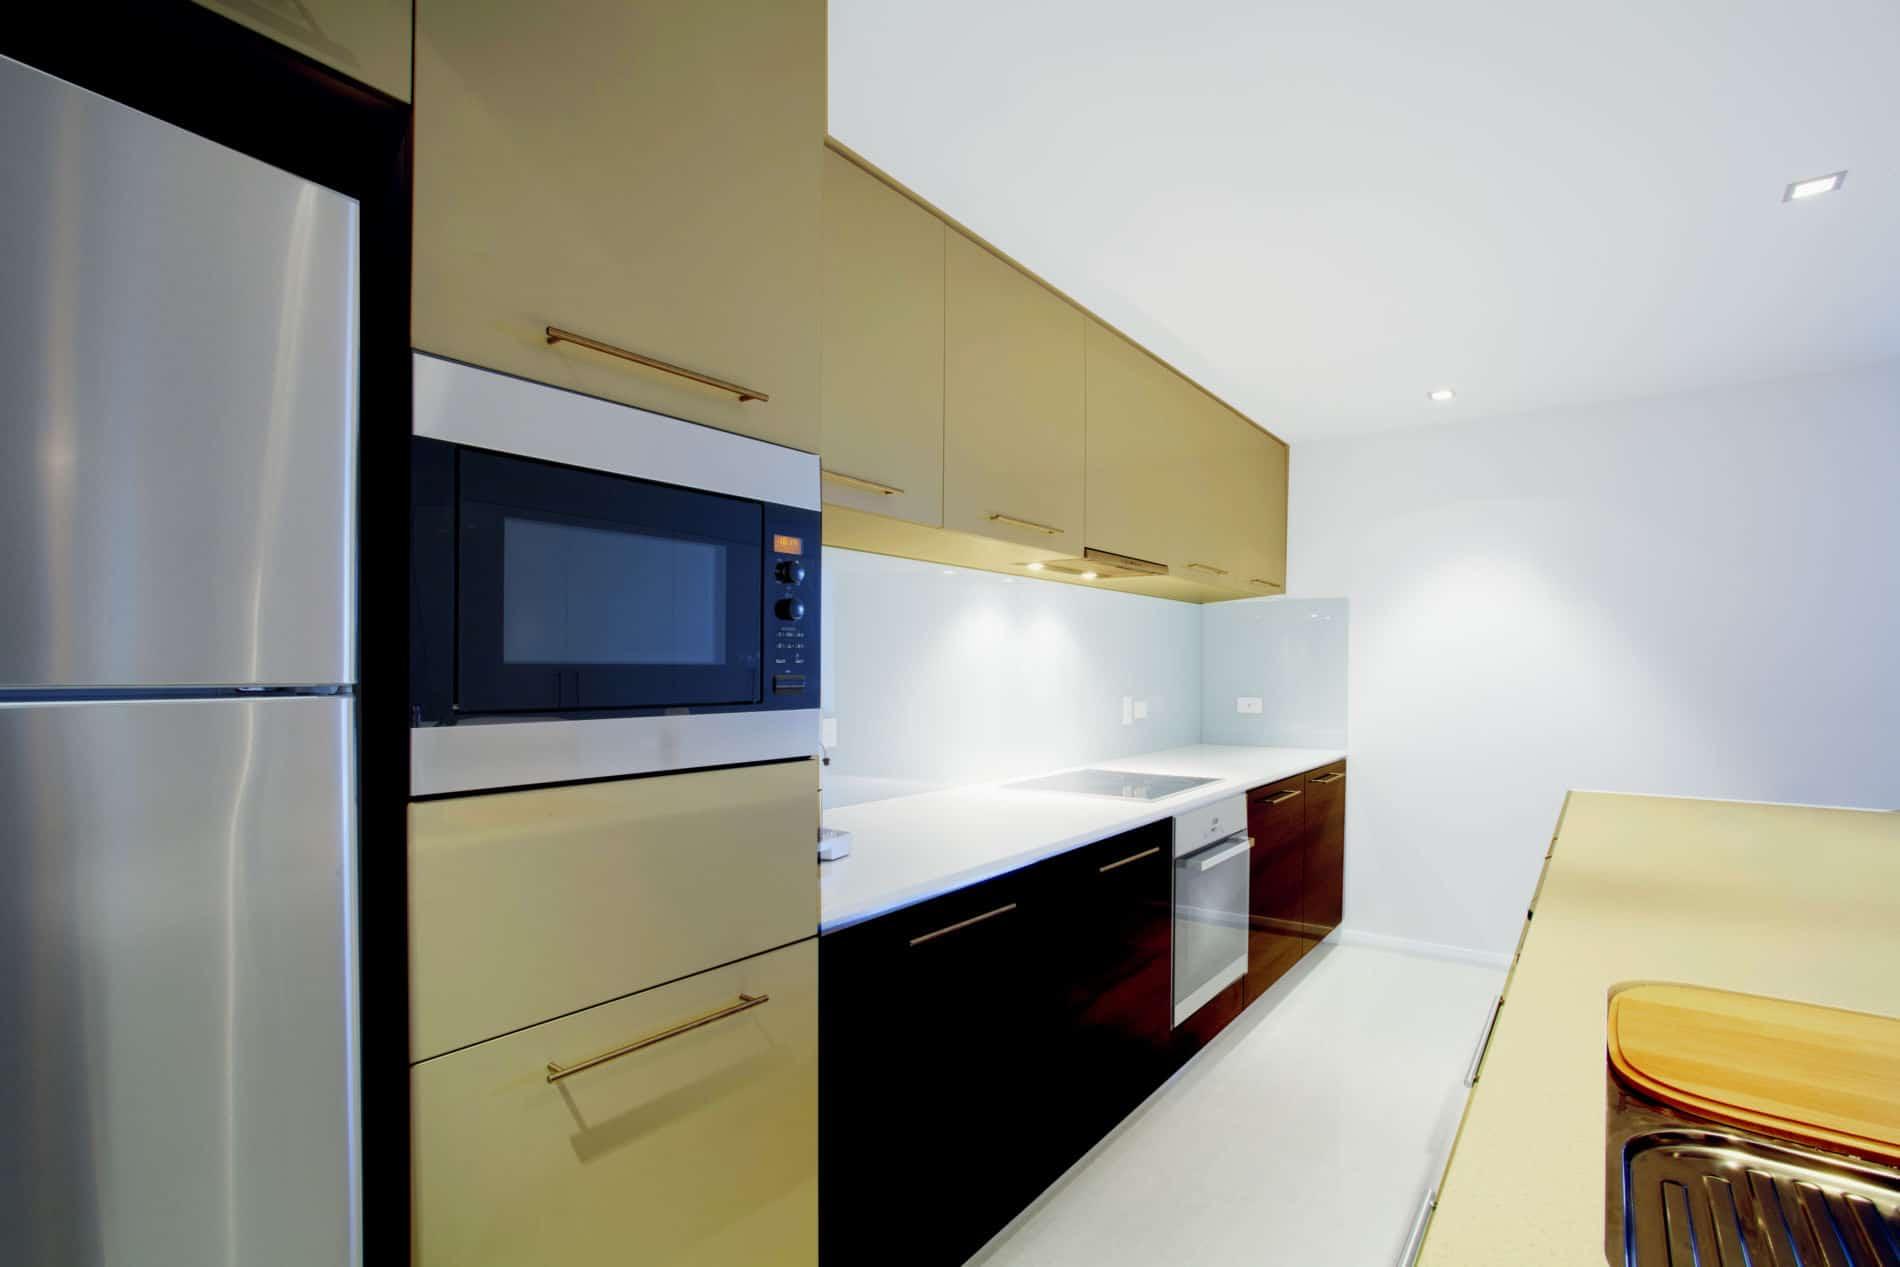 מטבחים - עיצוב מטבחי יוקרה